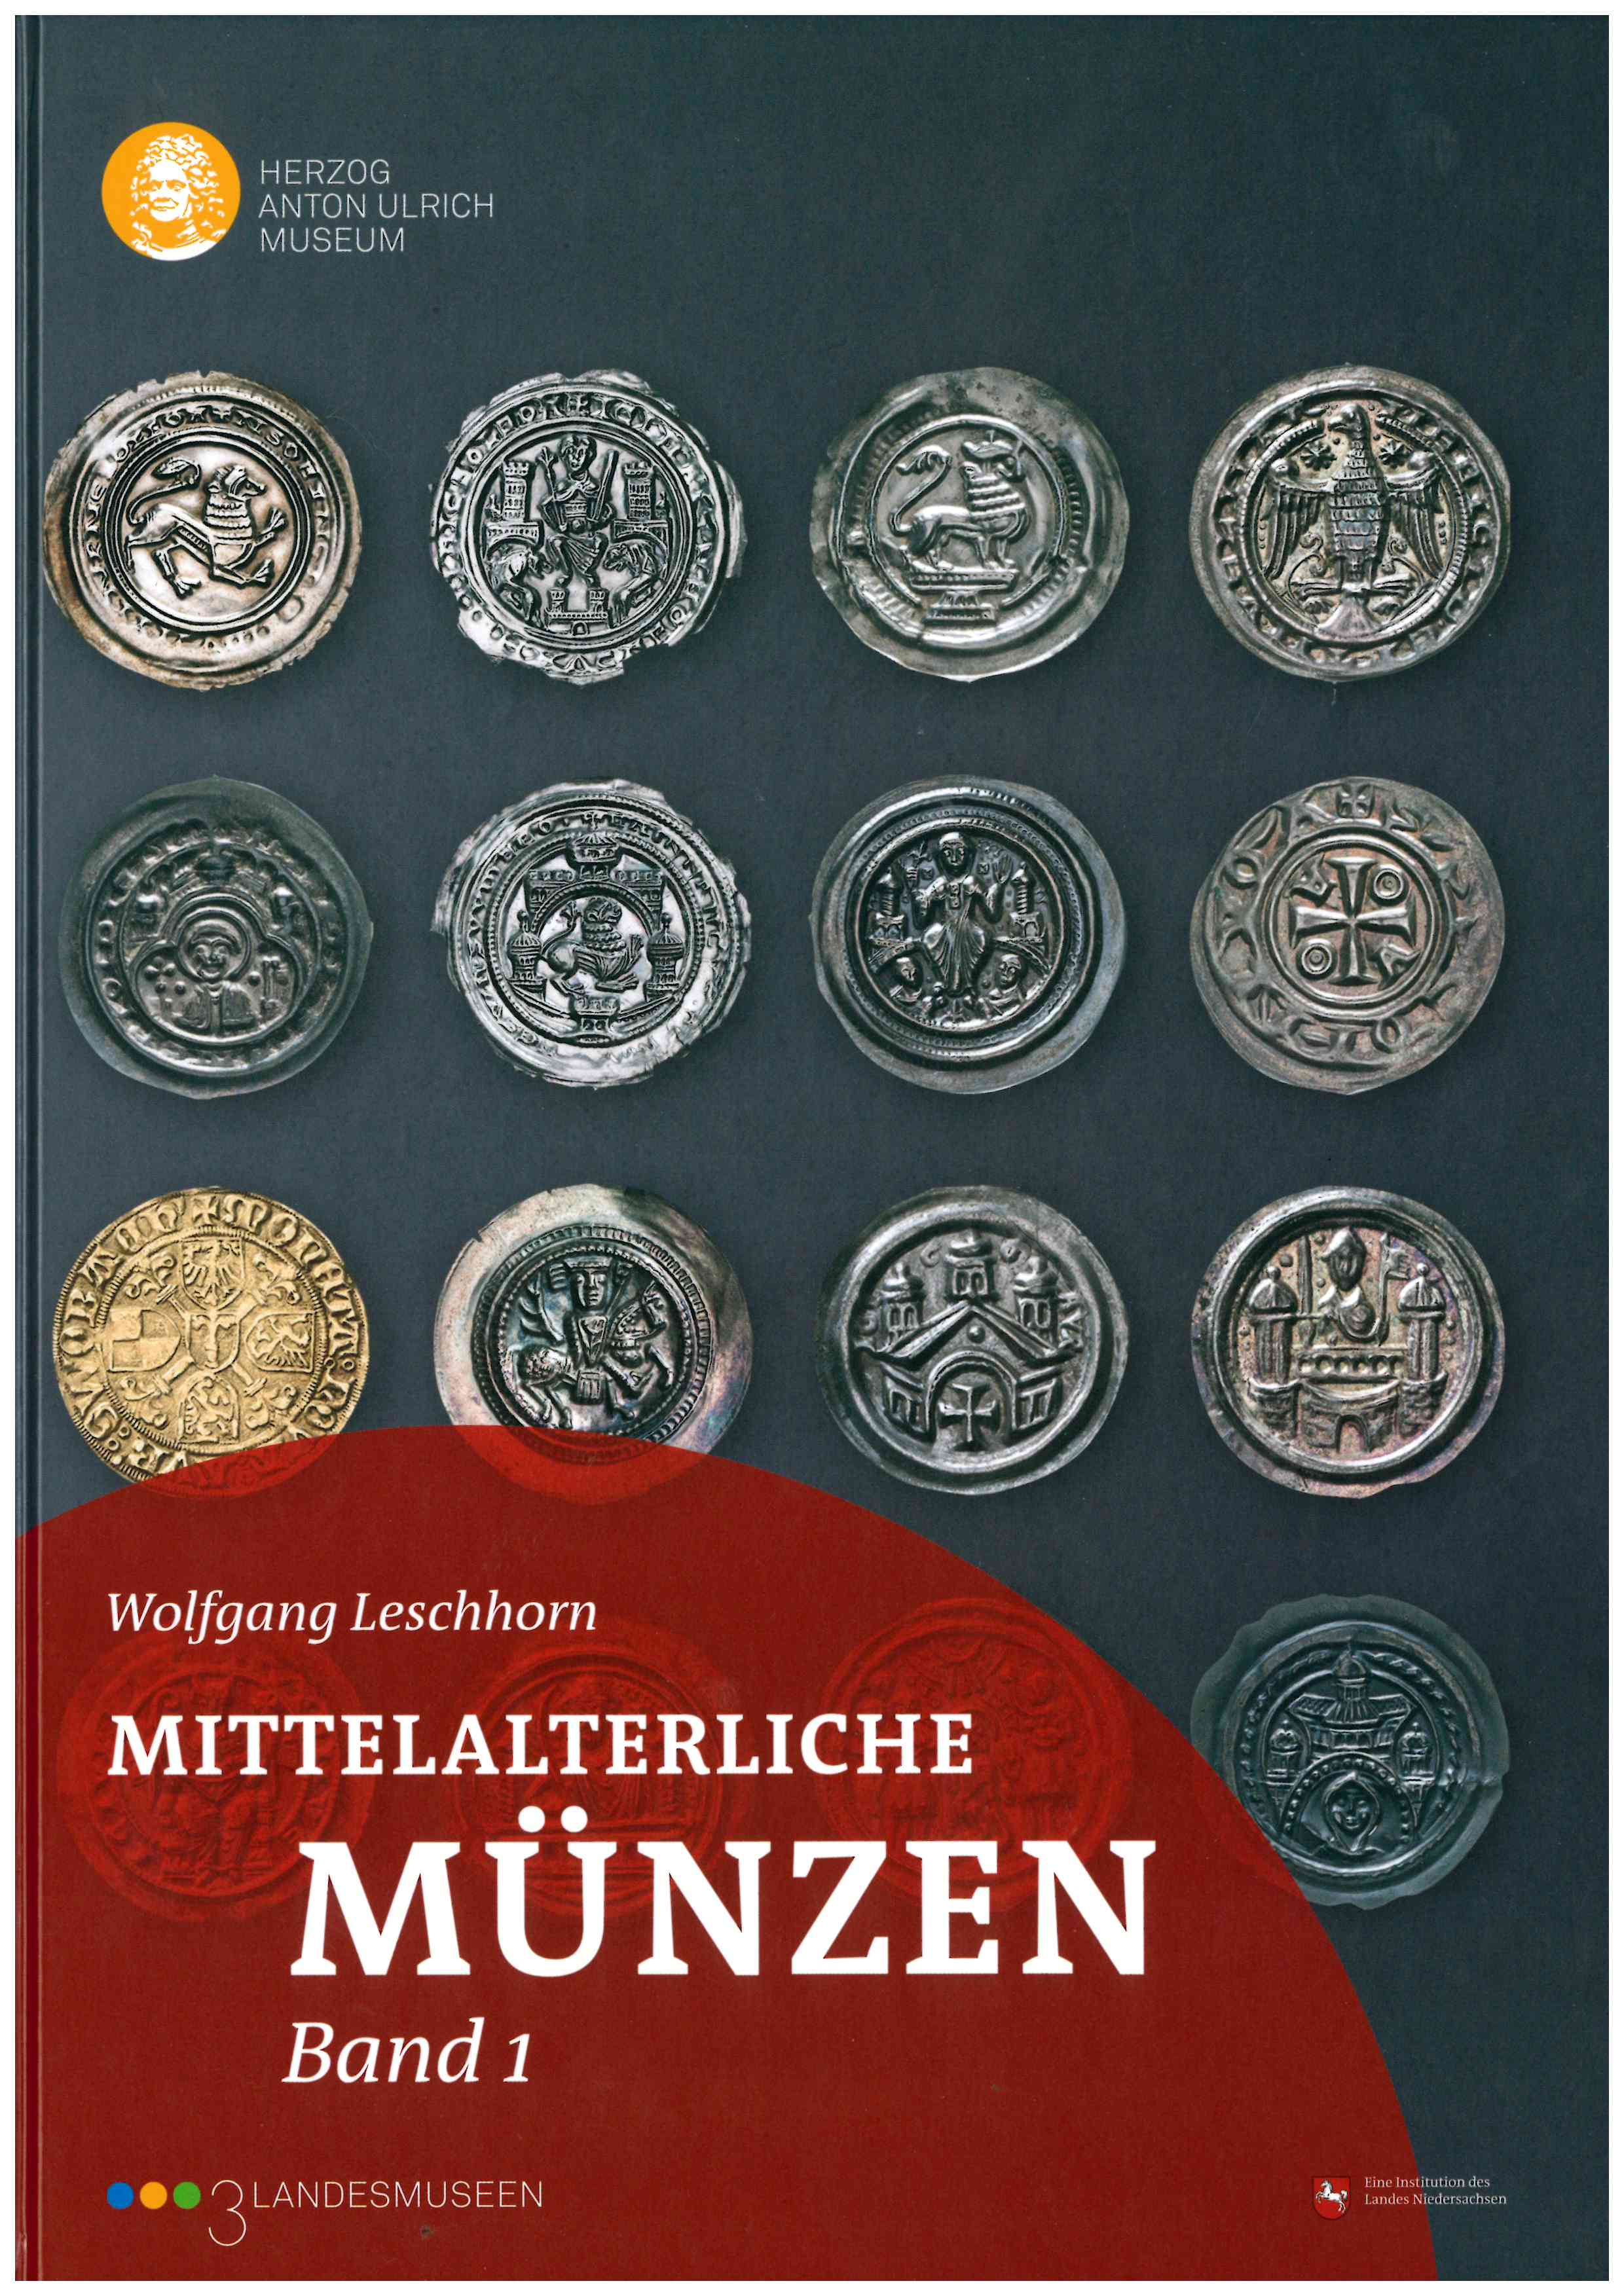 Wolfgang Leschhorn Mittelalterliche Münzen Herzog Anton Ulrich